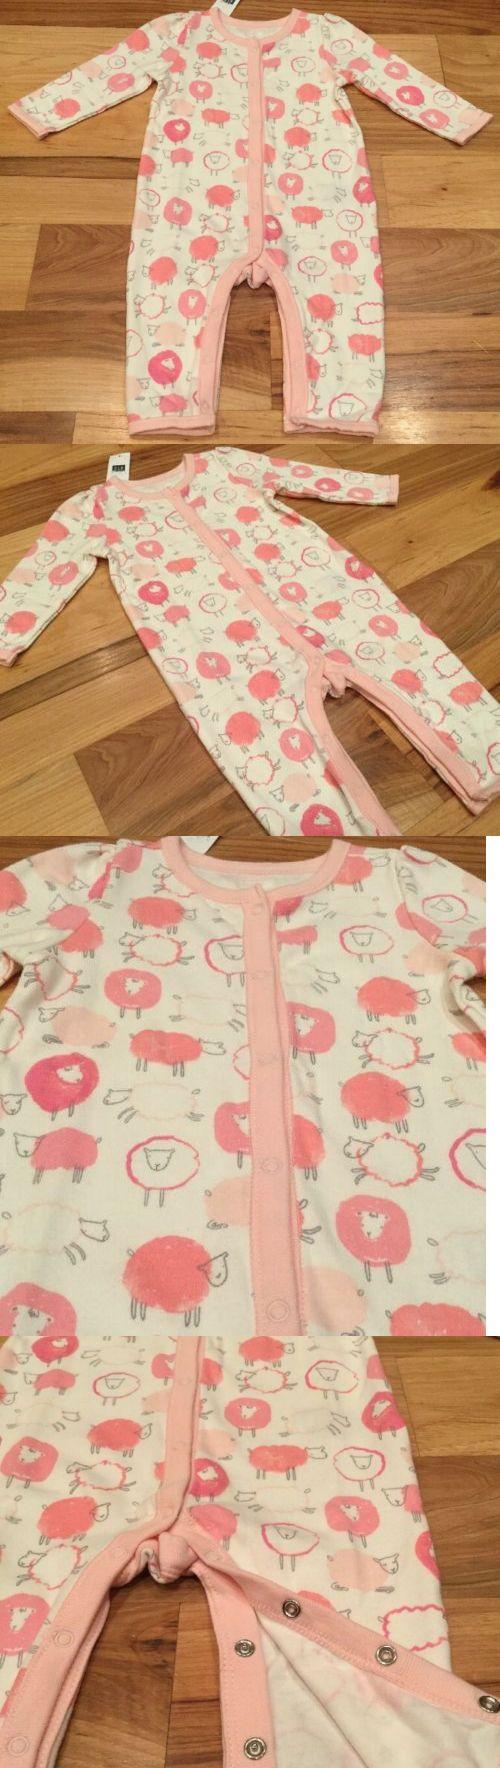 34dc1f6c940 Baby Gap Girls 3-6 Months One-Piece Romper. Pink